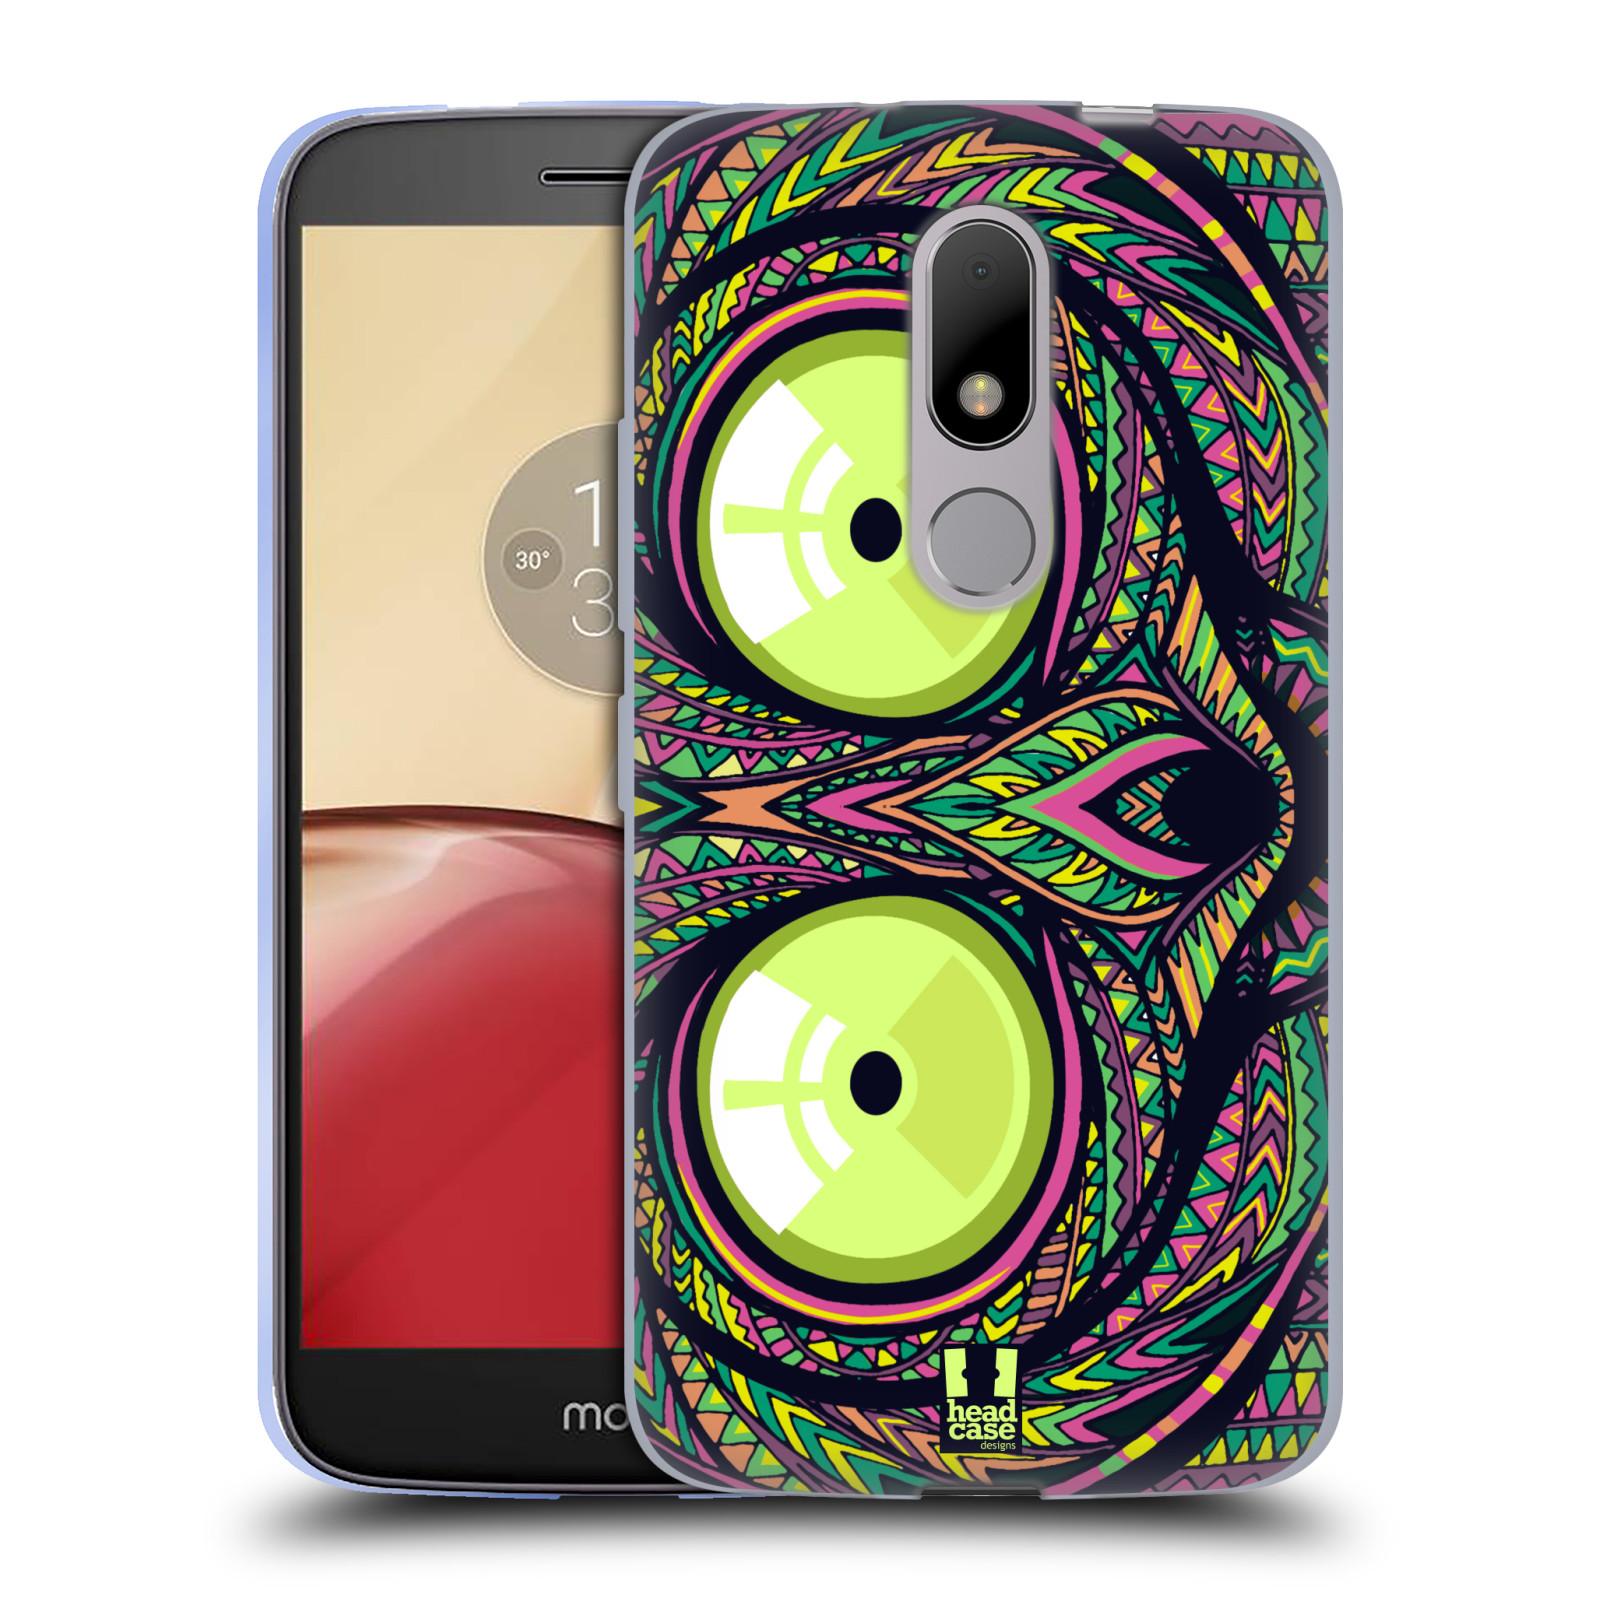 Silikonové pouzdro na mobil Lenovo Moto M - Head Case AZTEC NÁRTOUN